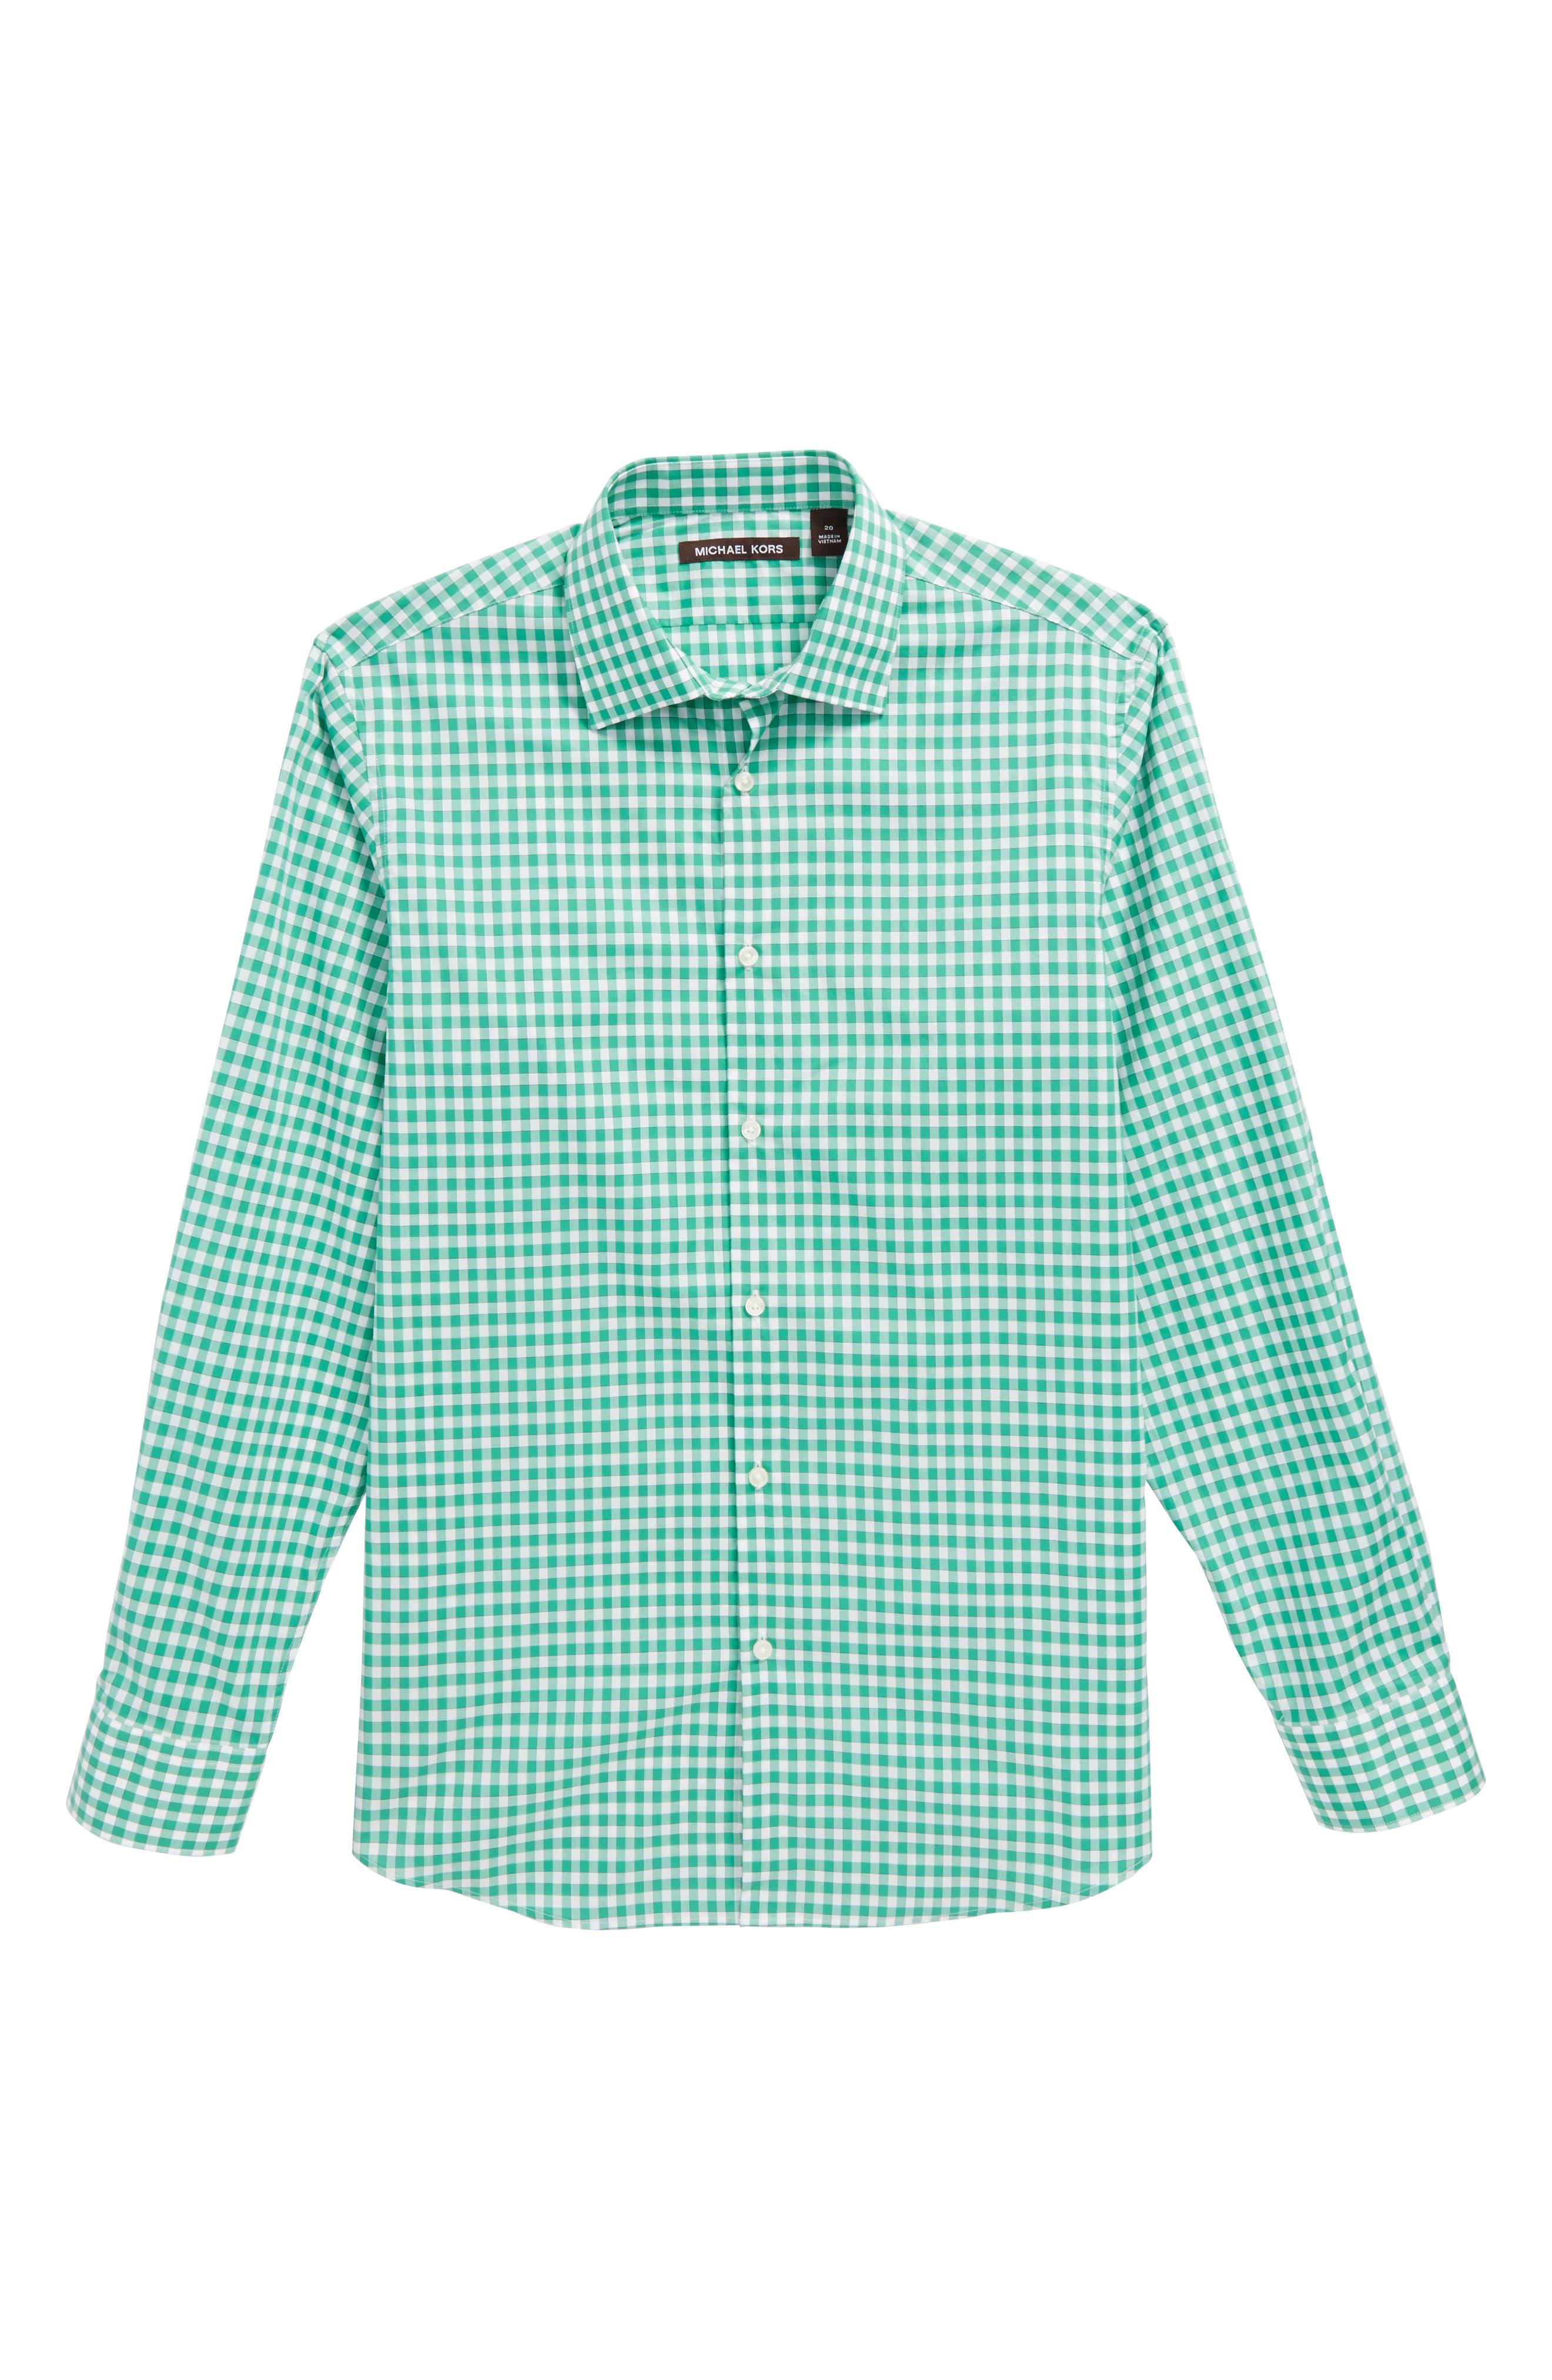 Check Dress Shirt,                         Main,                         color,